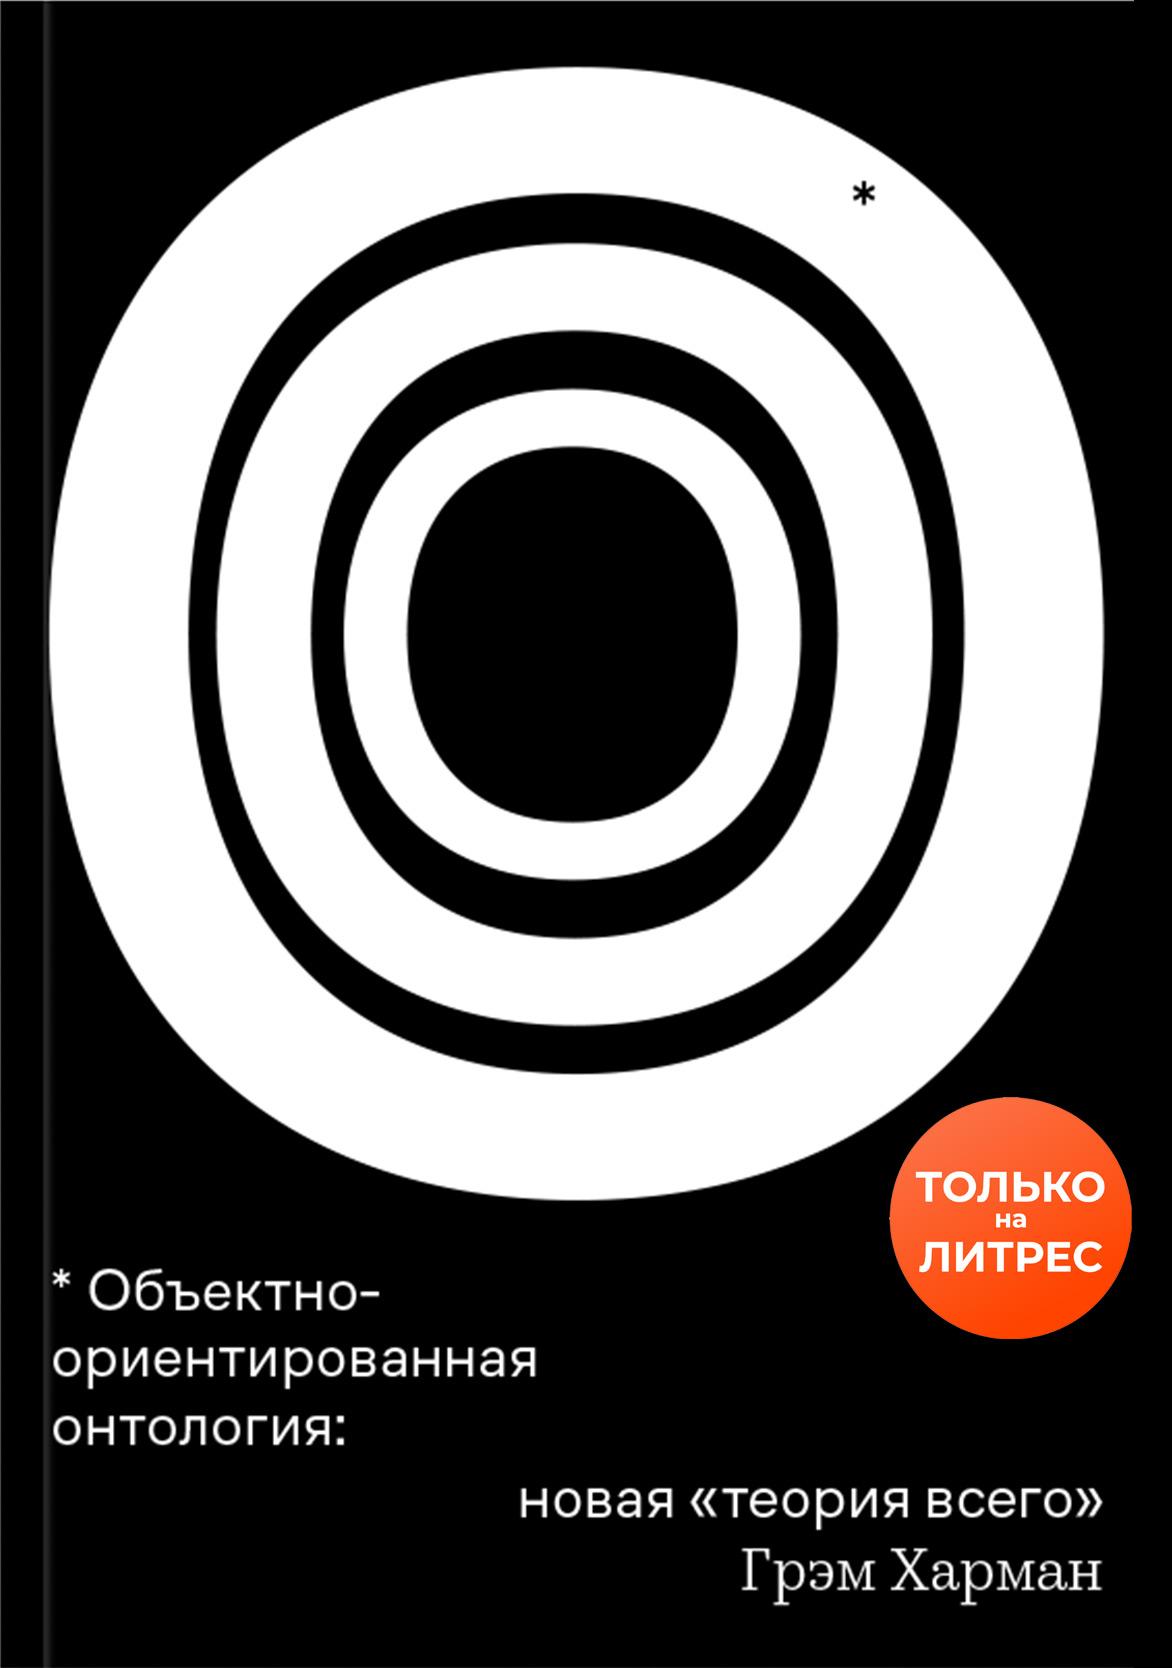 Объектно-ориентированная онтология: новая «теория всего»